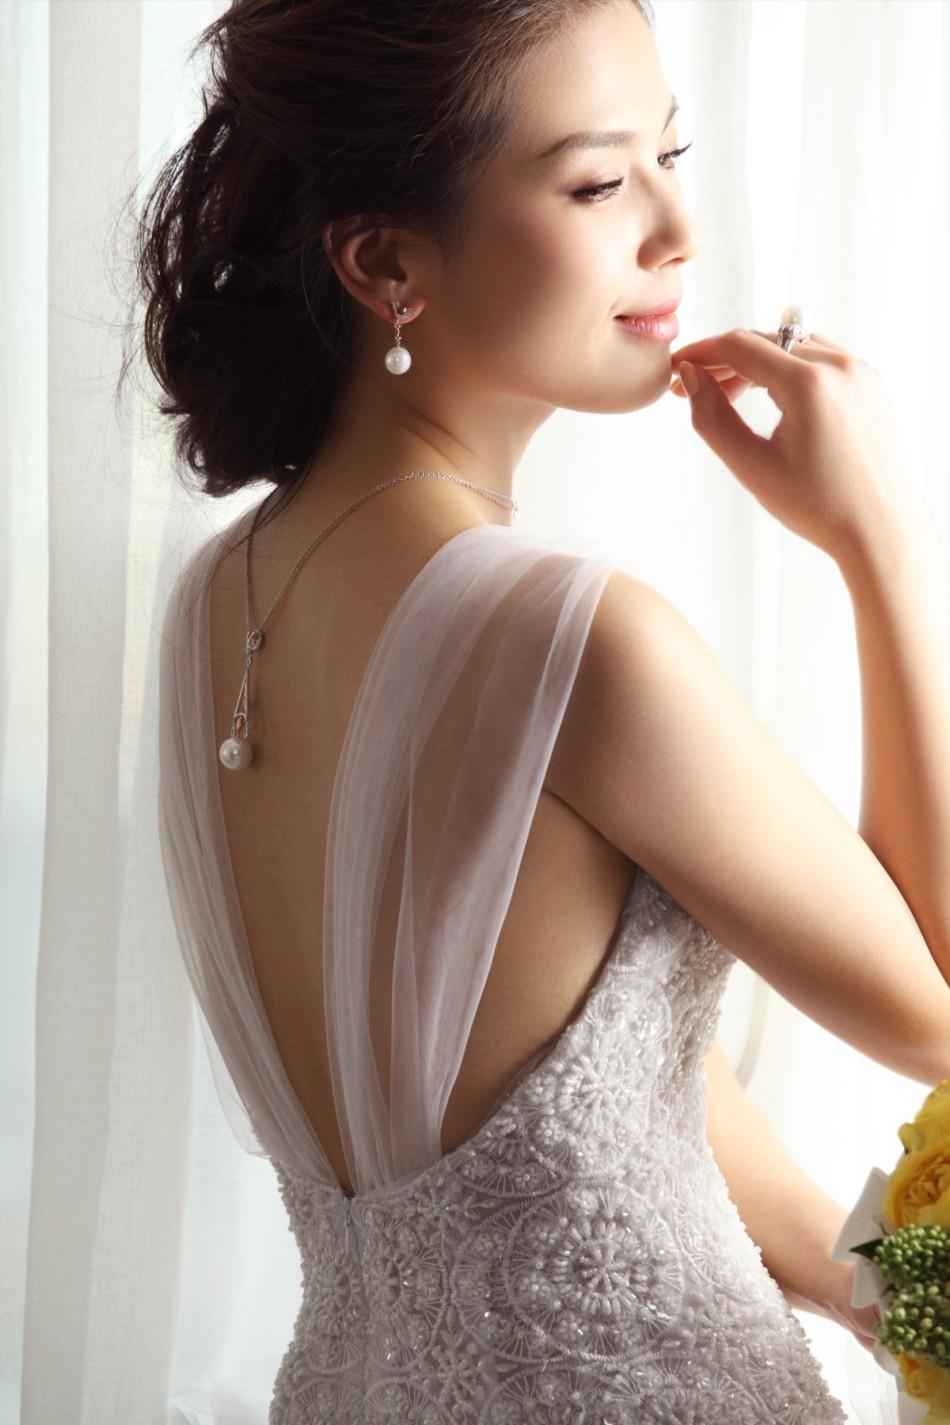 http://www.sinaimg.cn/dy/slidenews/4_img/2013_18/704_955238_223785.jpg